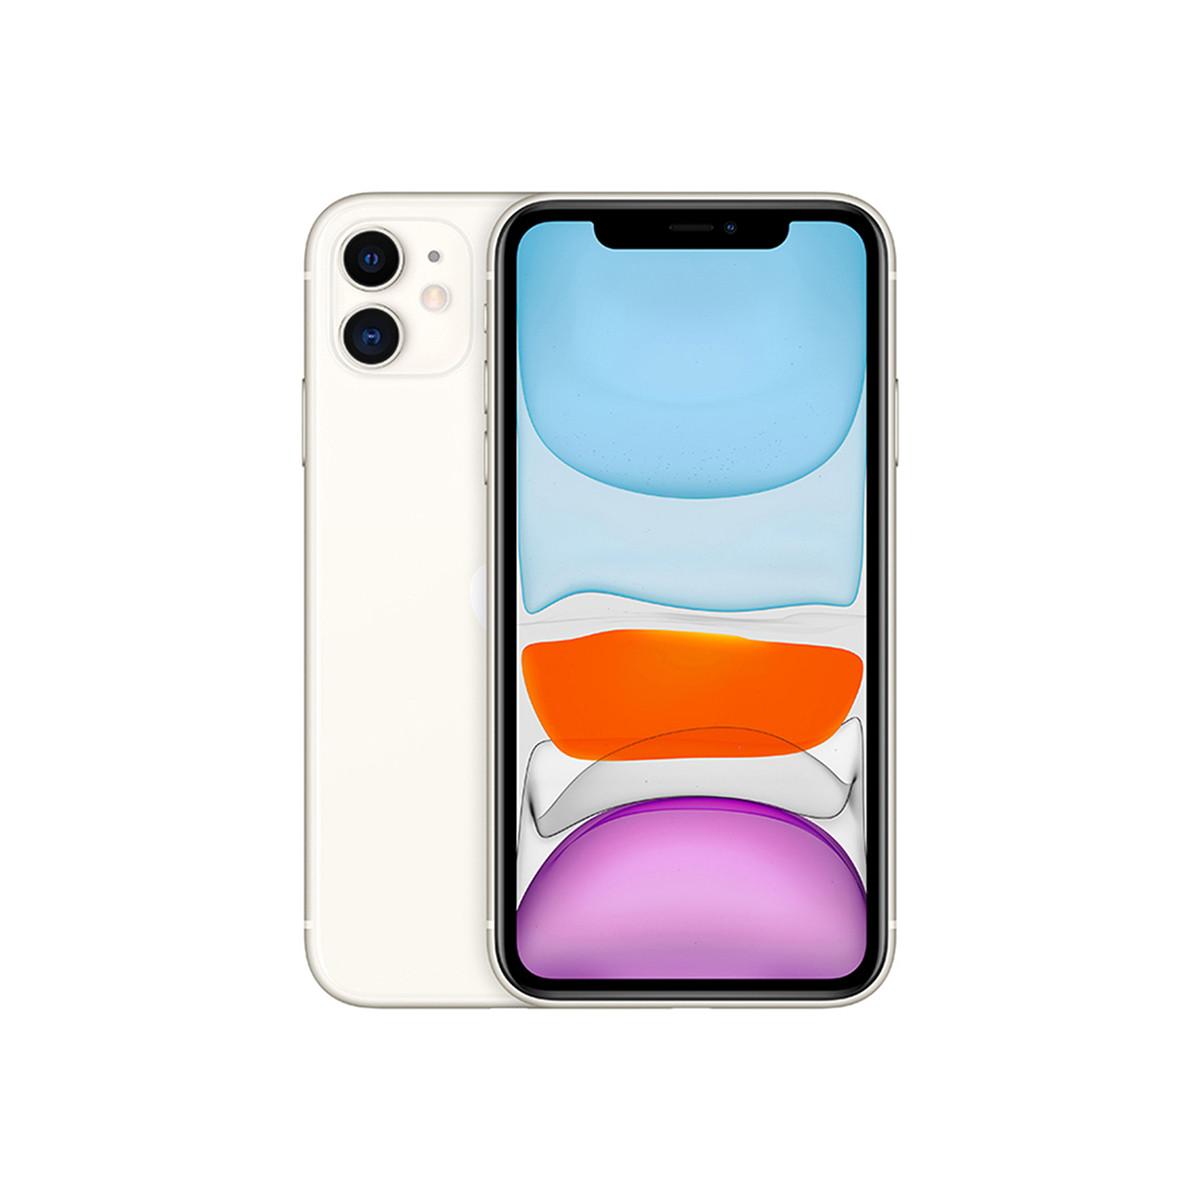 苹果iPhone 11【壳膜+懒人支架指环扣套餐】 双卡双待全网通 4G手机DFXYD-iPhone 11白色